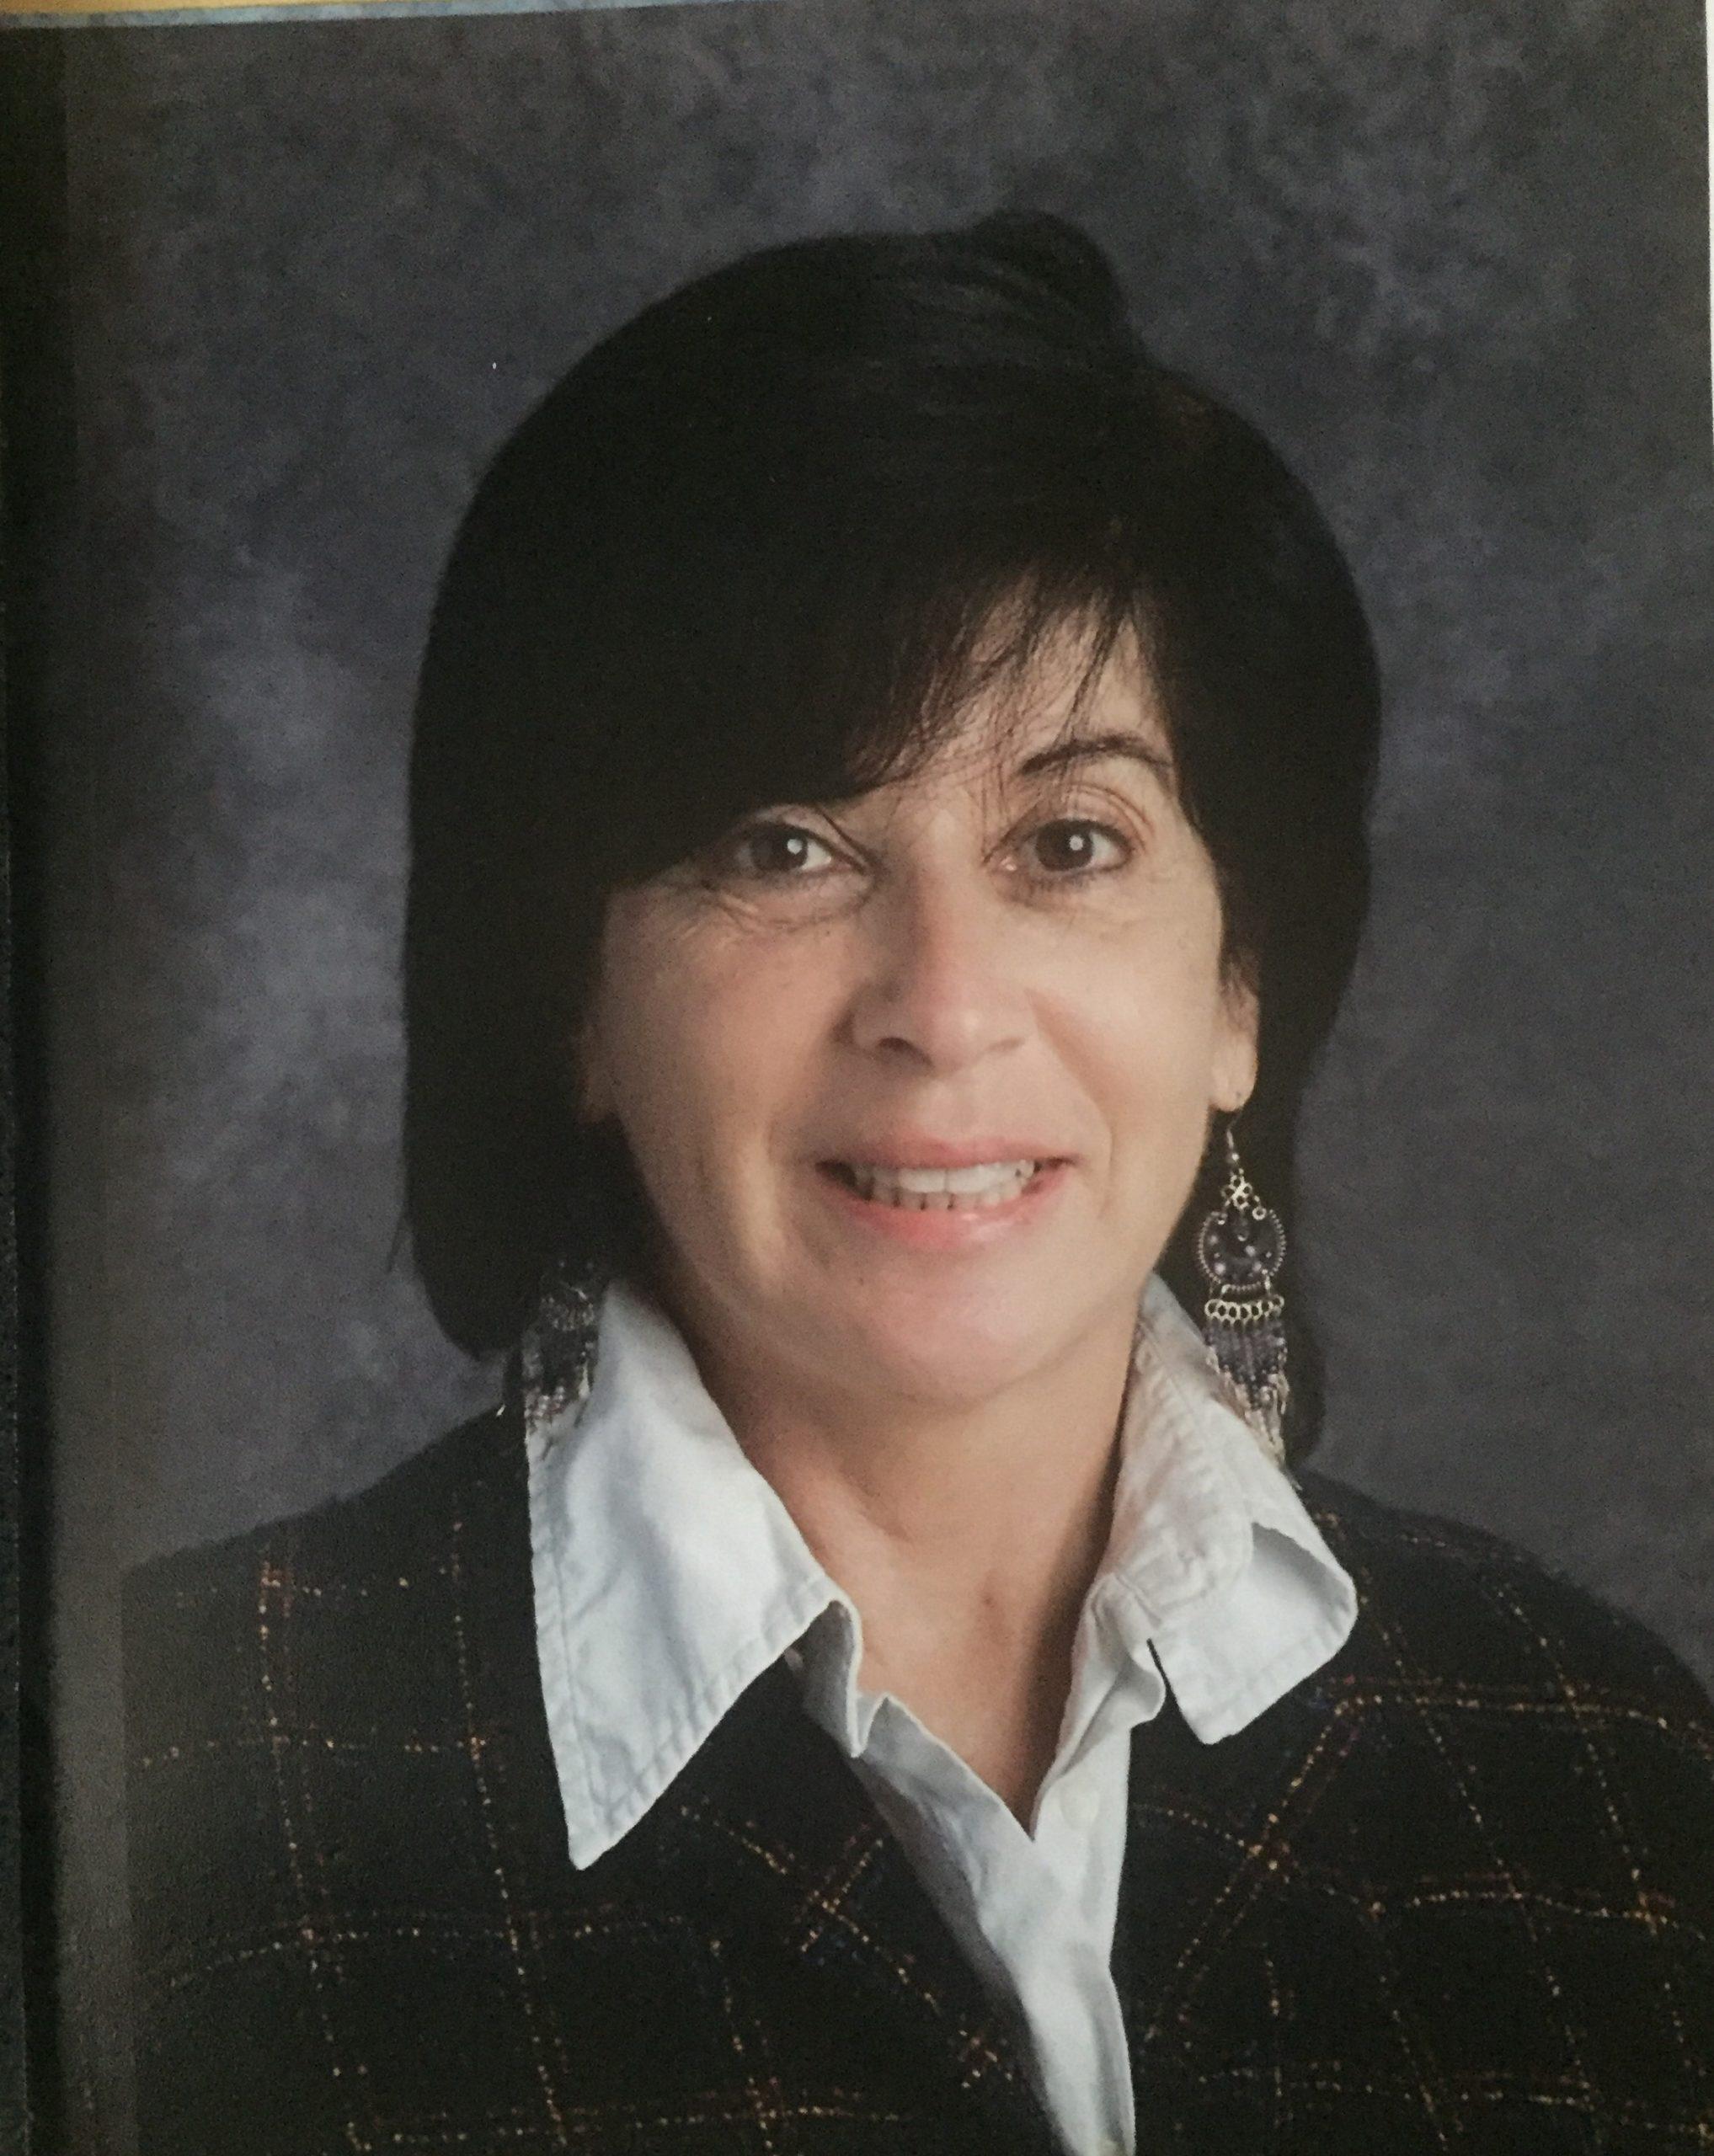 Lisa Wolfman